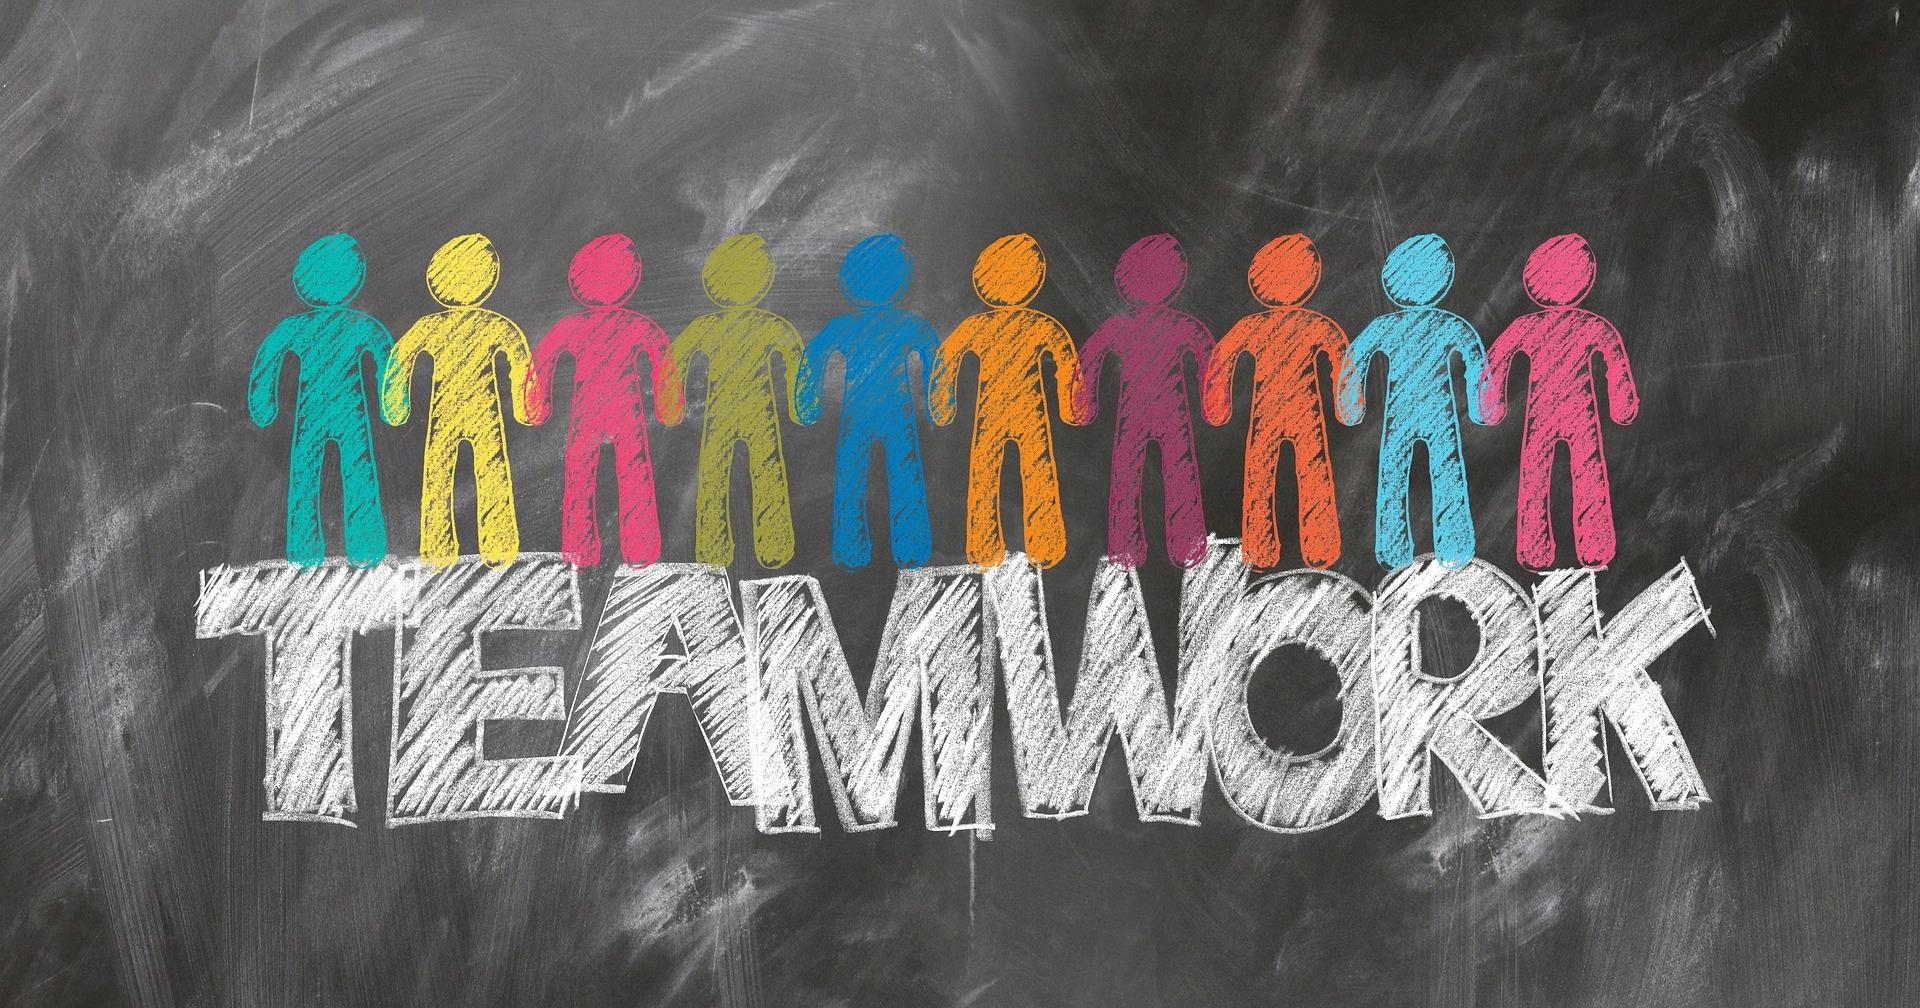 ¦+¦ñ teamwork-2499638_1920